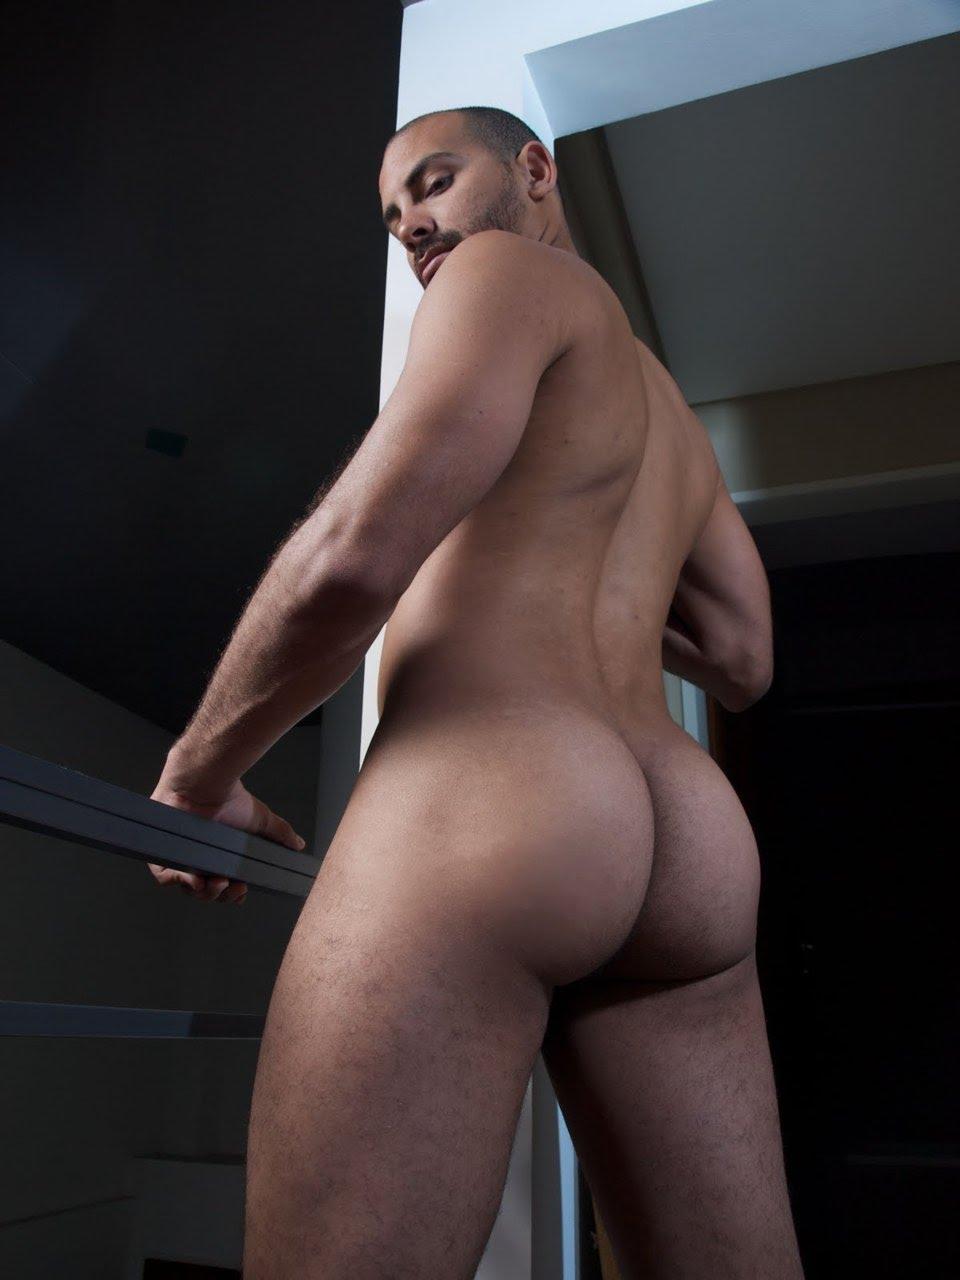 Fotos De Homens Pelados Bunda Homem Rabo Gsotoso Tesao Gay